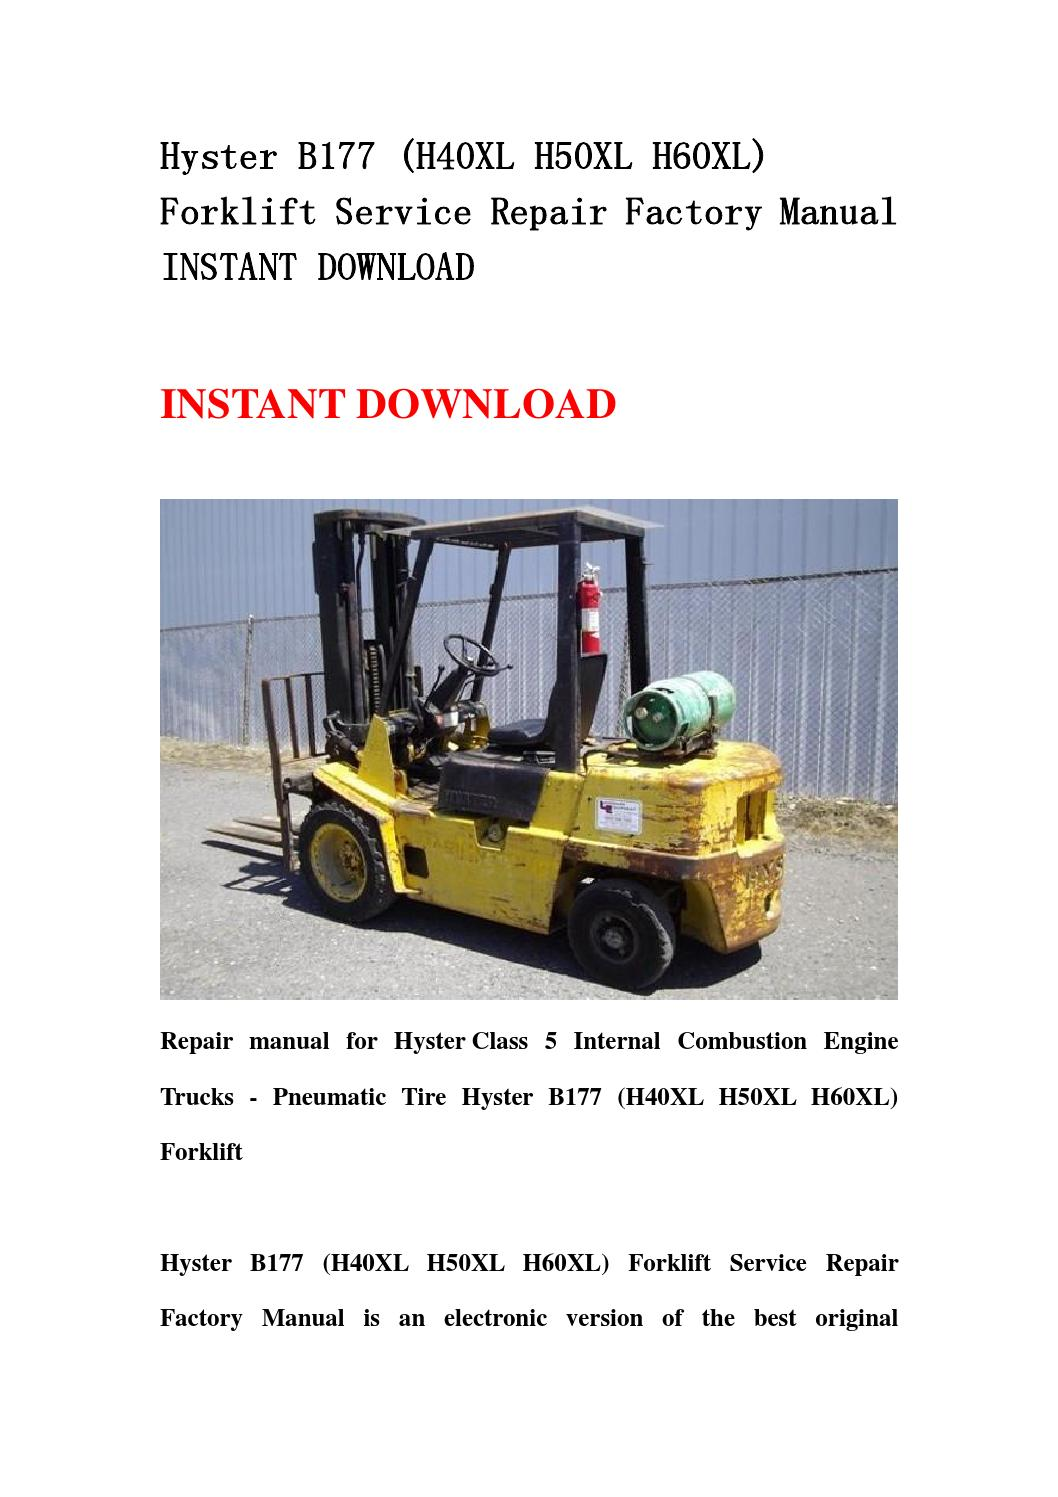 Hyster H50xl Parts manual